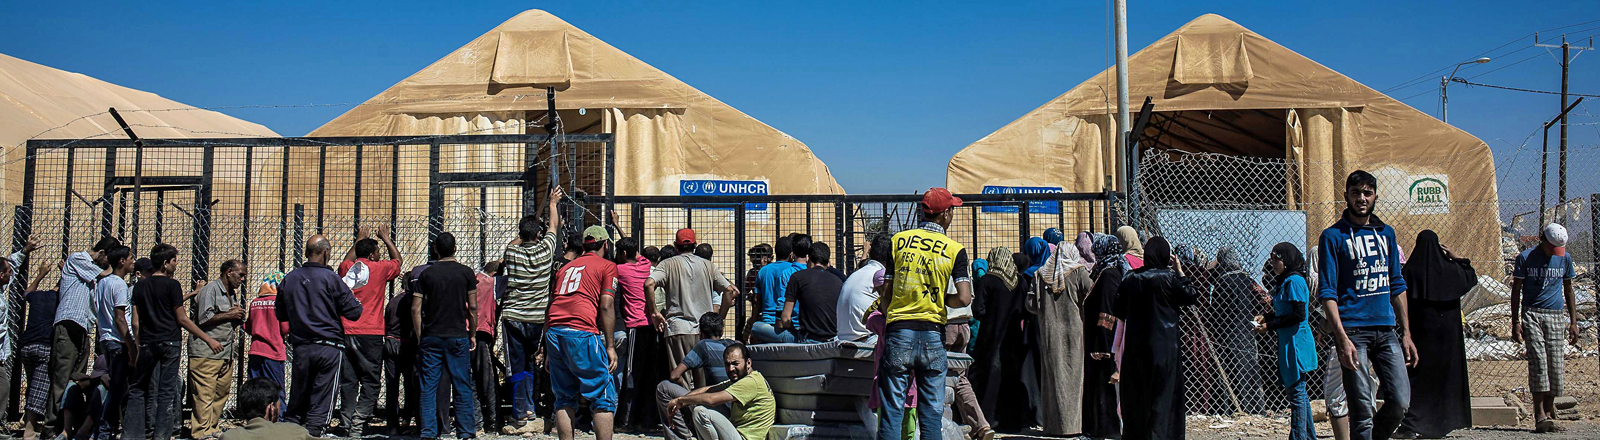 Im Flüchtlingslager Saatari stellt sich am 27.09.2012 eine lange Schlange von Menschen vor Unicef-Zelten auf.